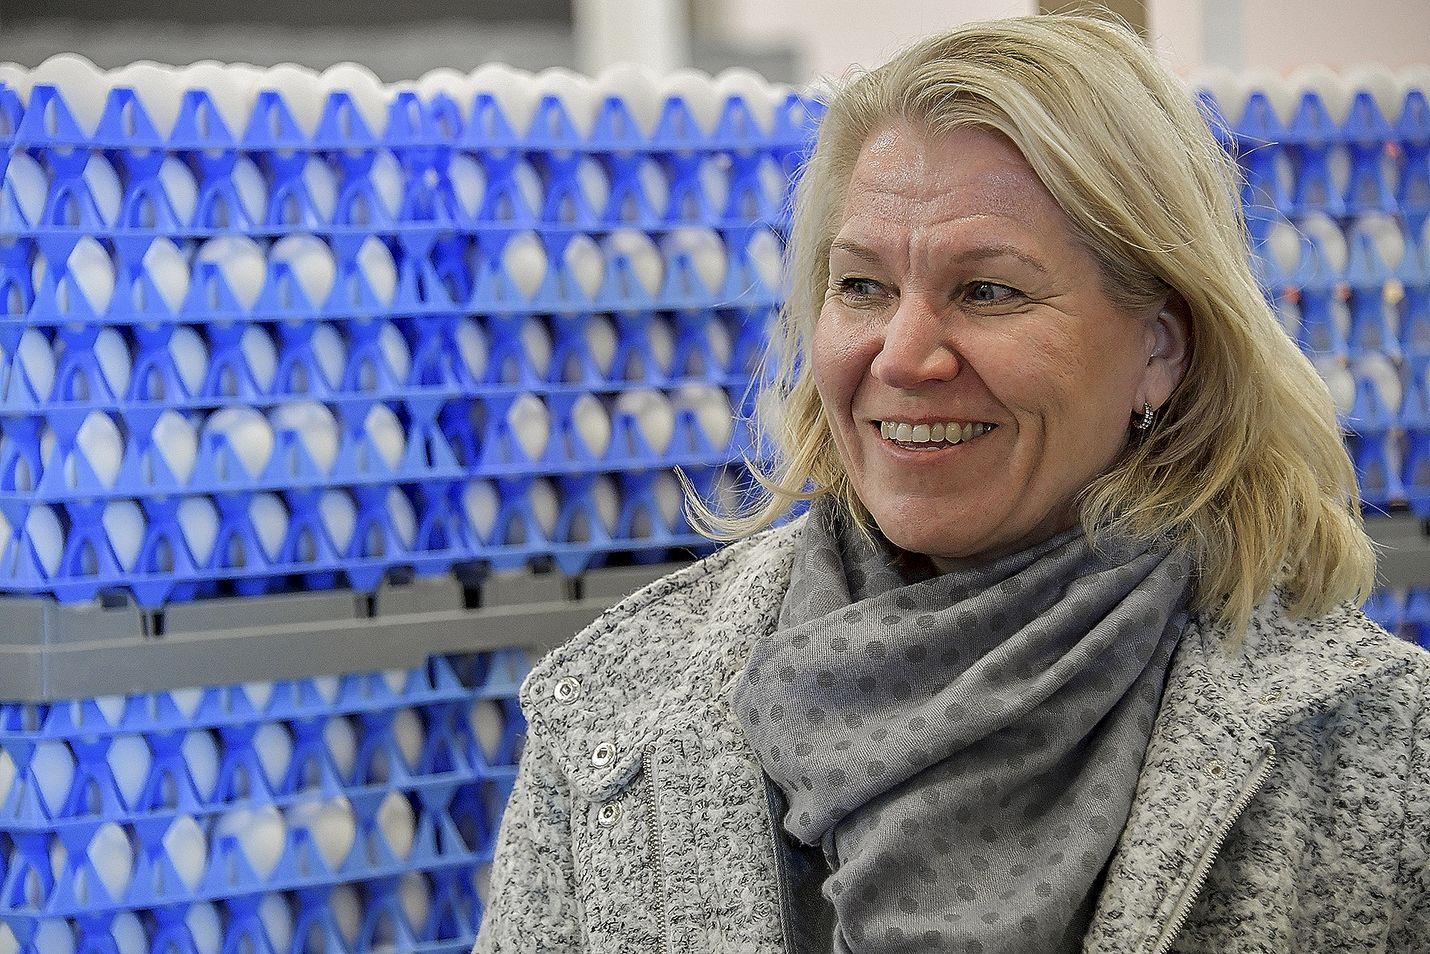 Laitilan kaupunginjohtaja Johanna Luukkosen mielestä on hienoa, että seutukaupunki noteerataan hallitusohjelmassa ensimmäistä kertaa.